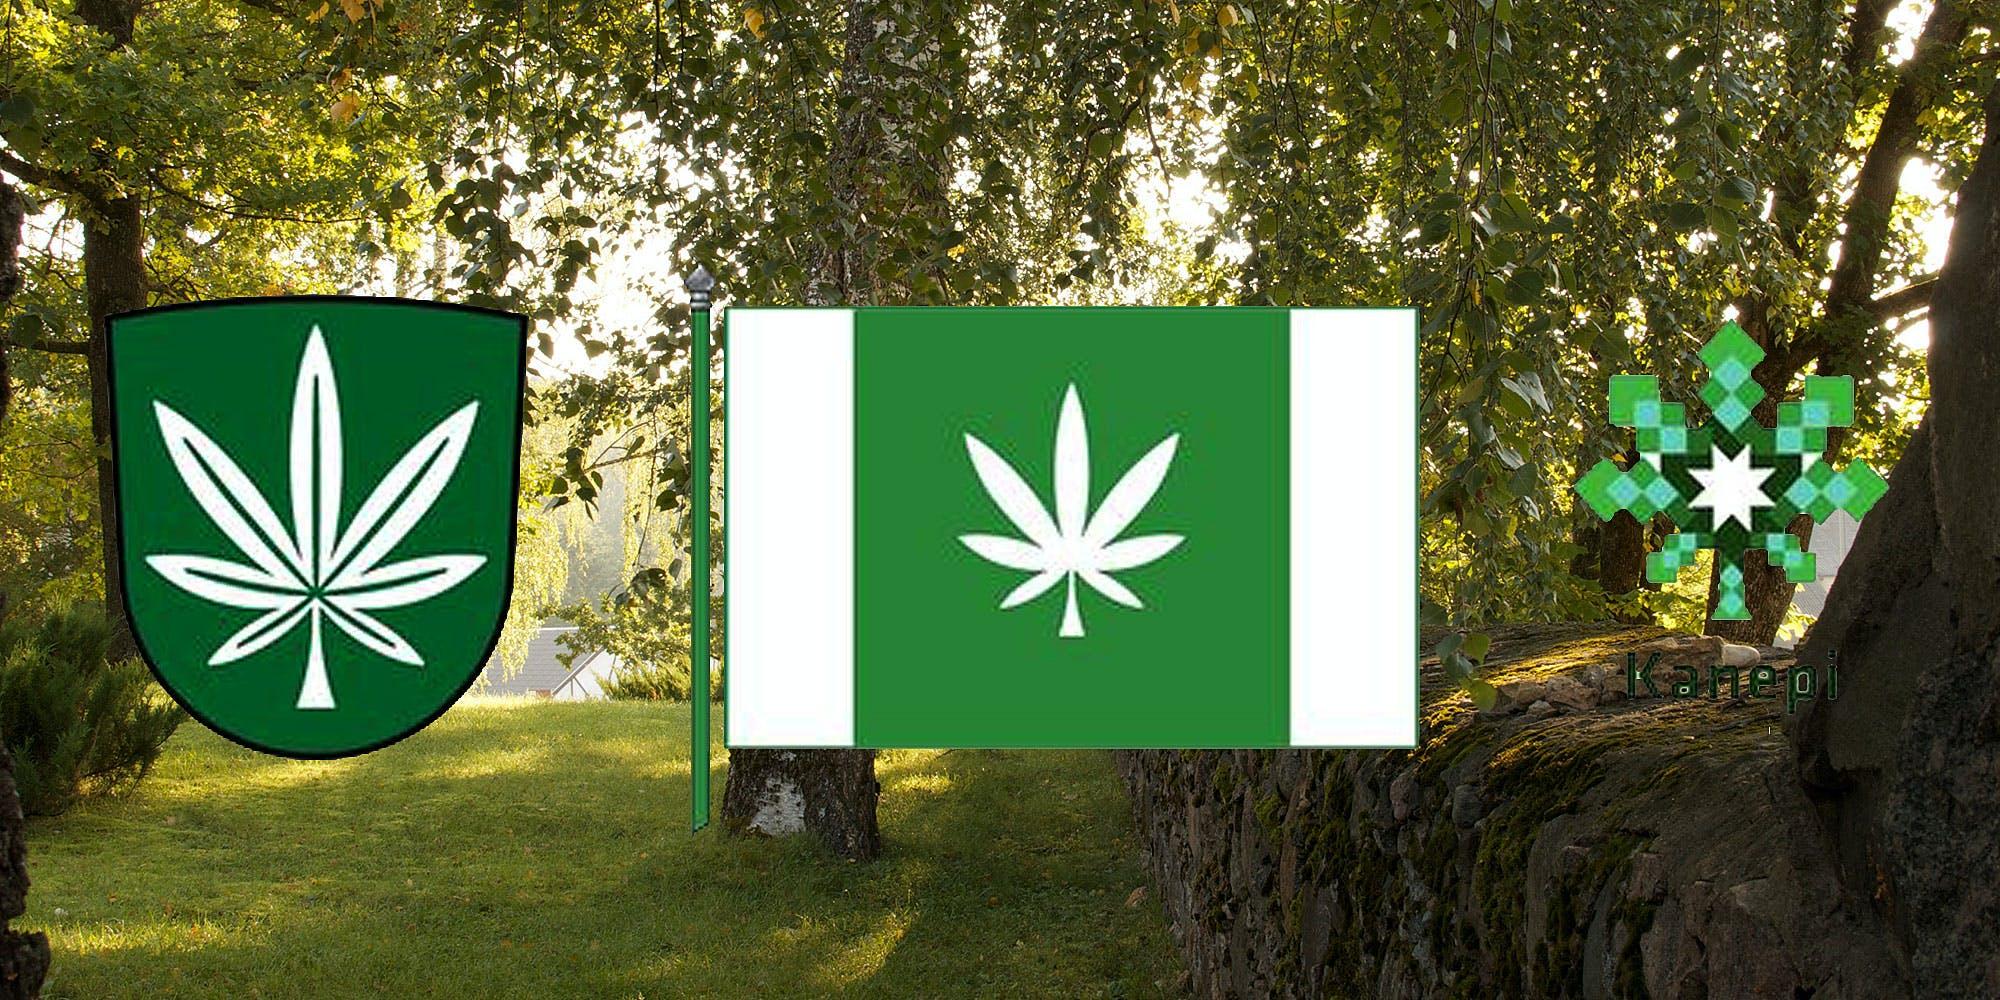 Estonian Town Adopts Cannabis Leaf As New Flag